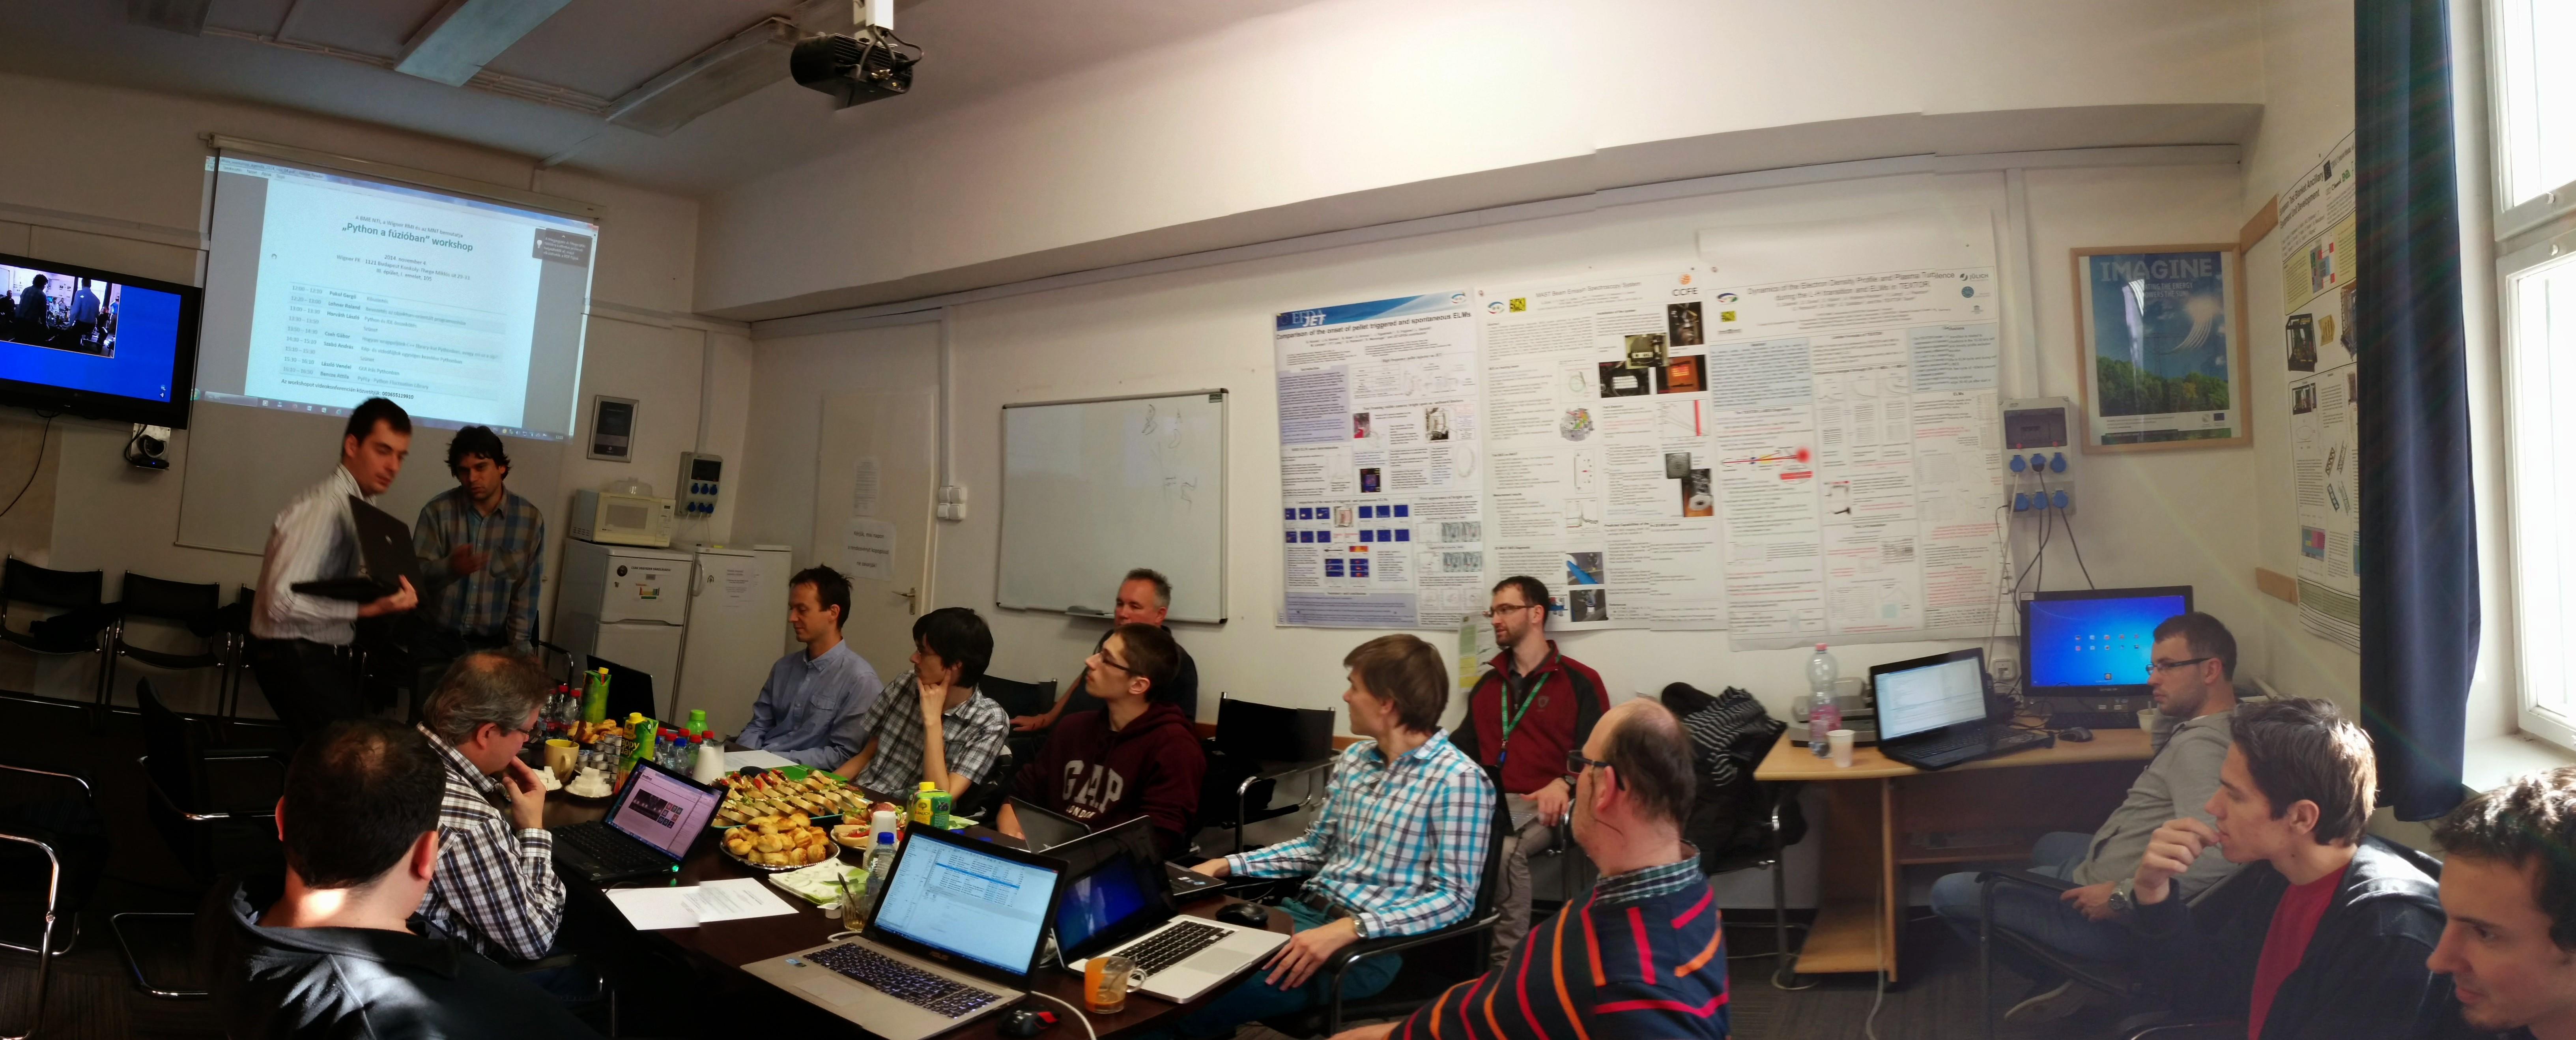 Újabb workshop került megrendezésre Programozás a Fúzióban címmel